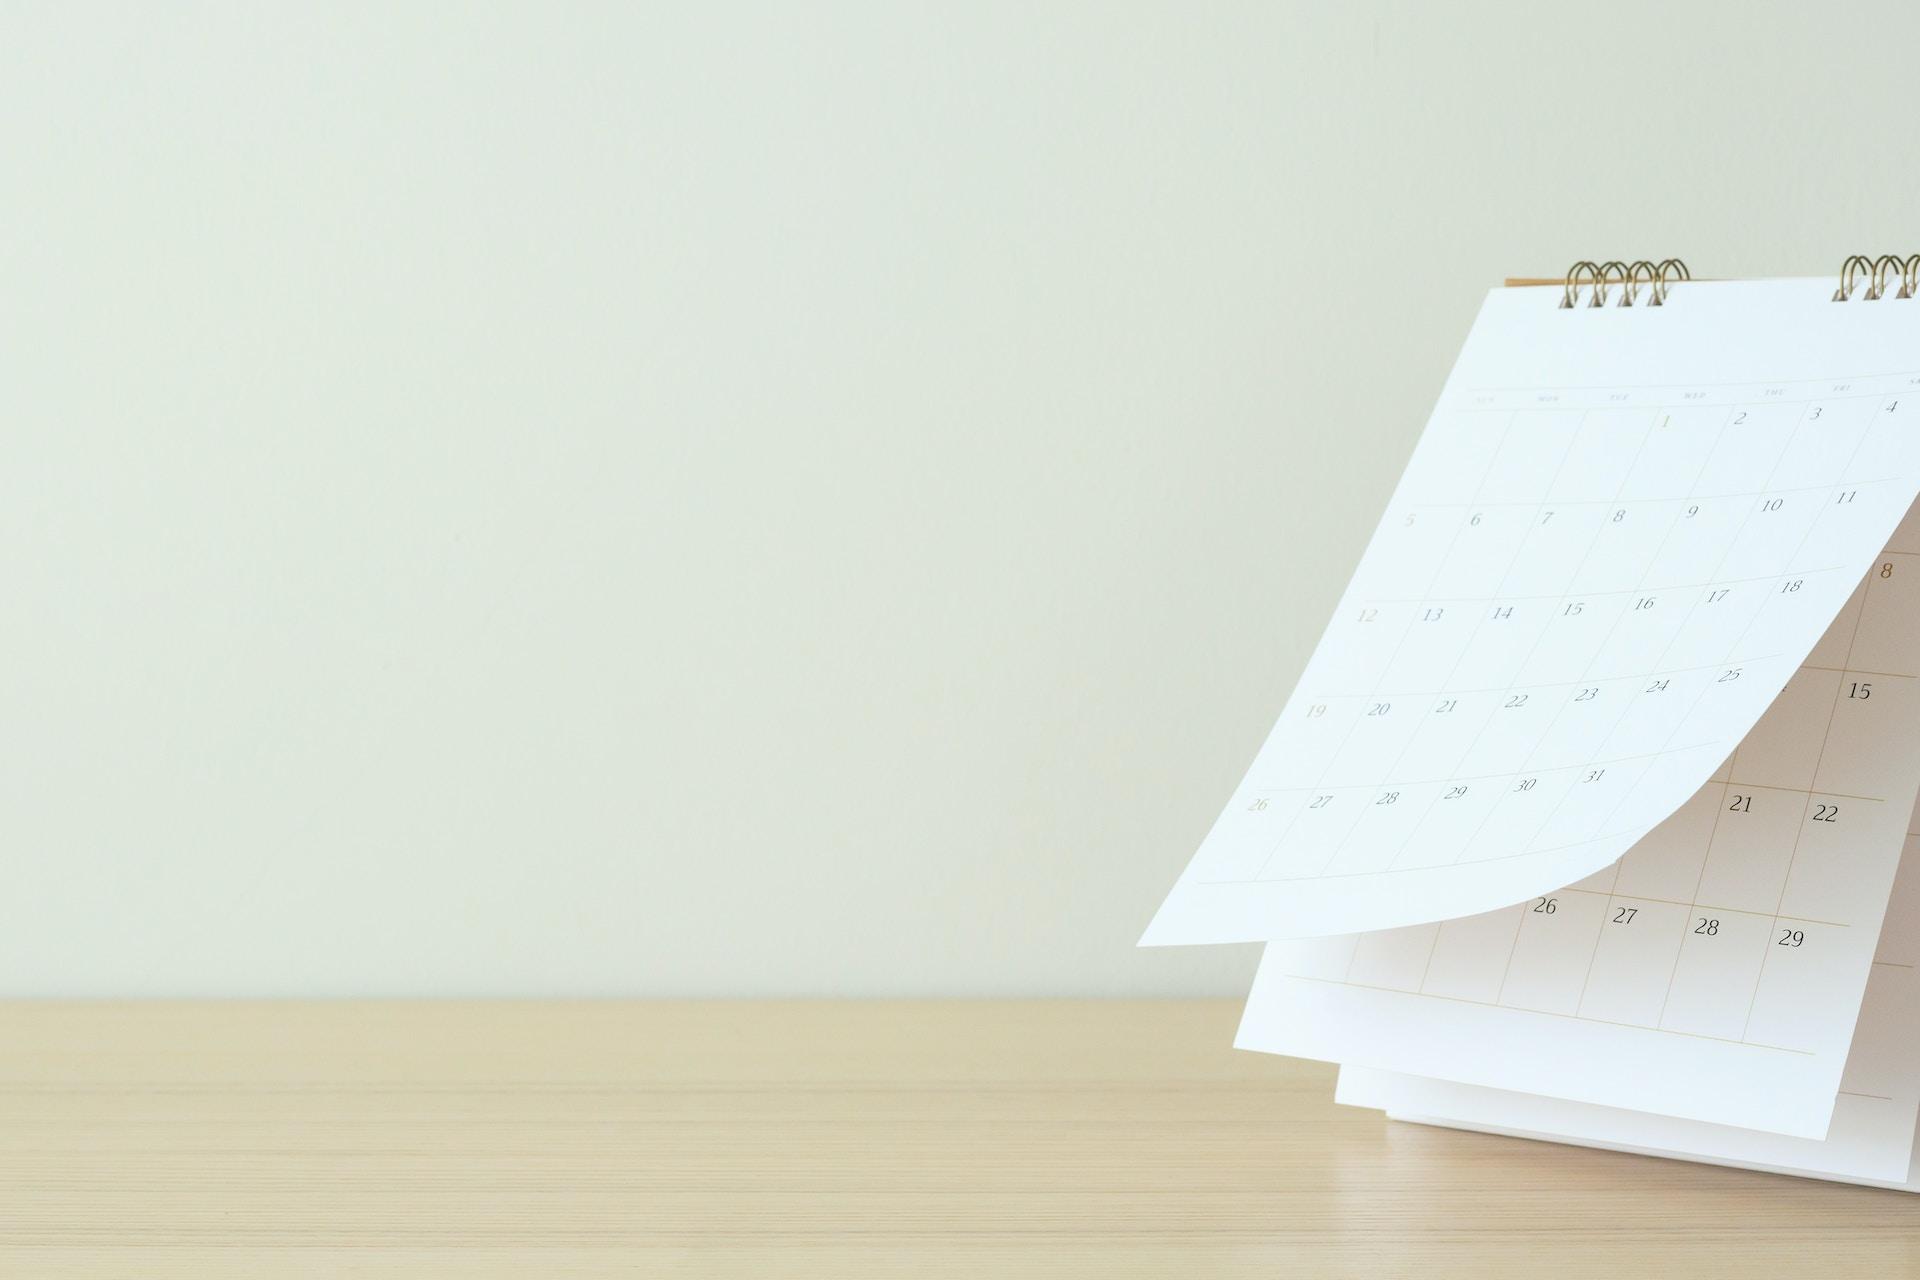 Man sieht ein Bild eines aufgeblätterten Kalenders auf einem Tisch als Titelbild für die beliebtesten Feiertags-Kampagnen